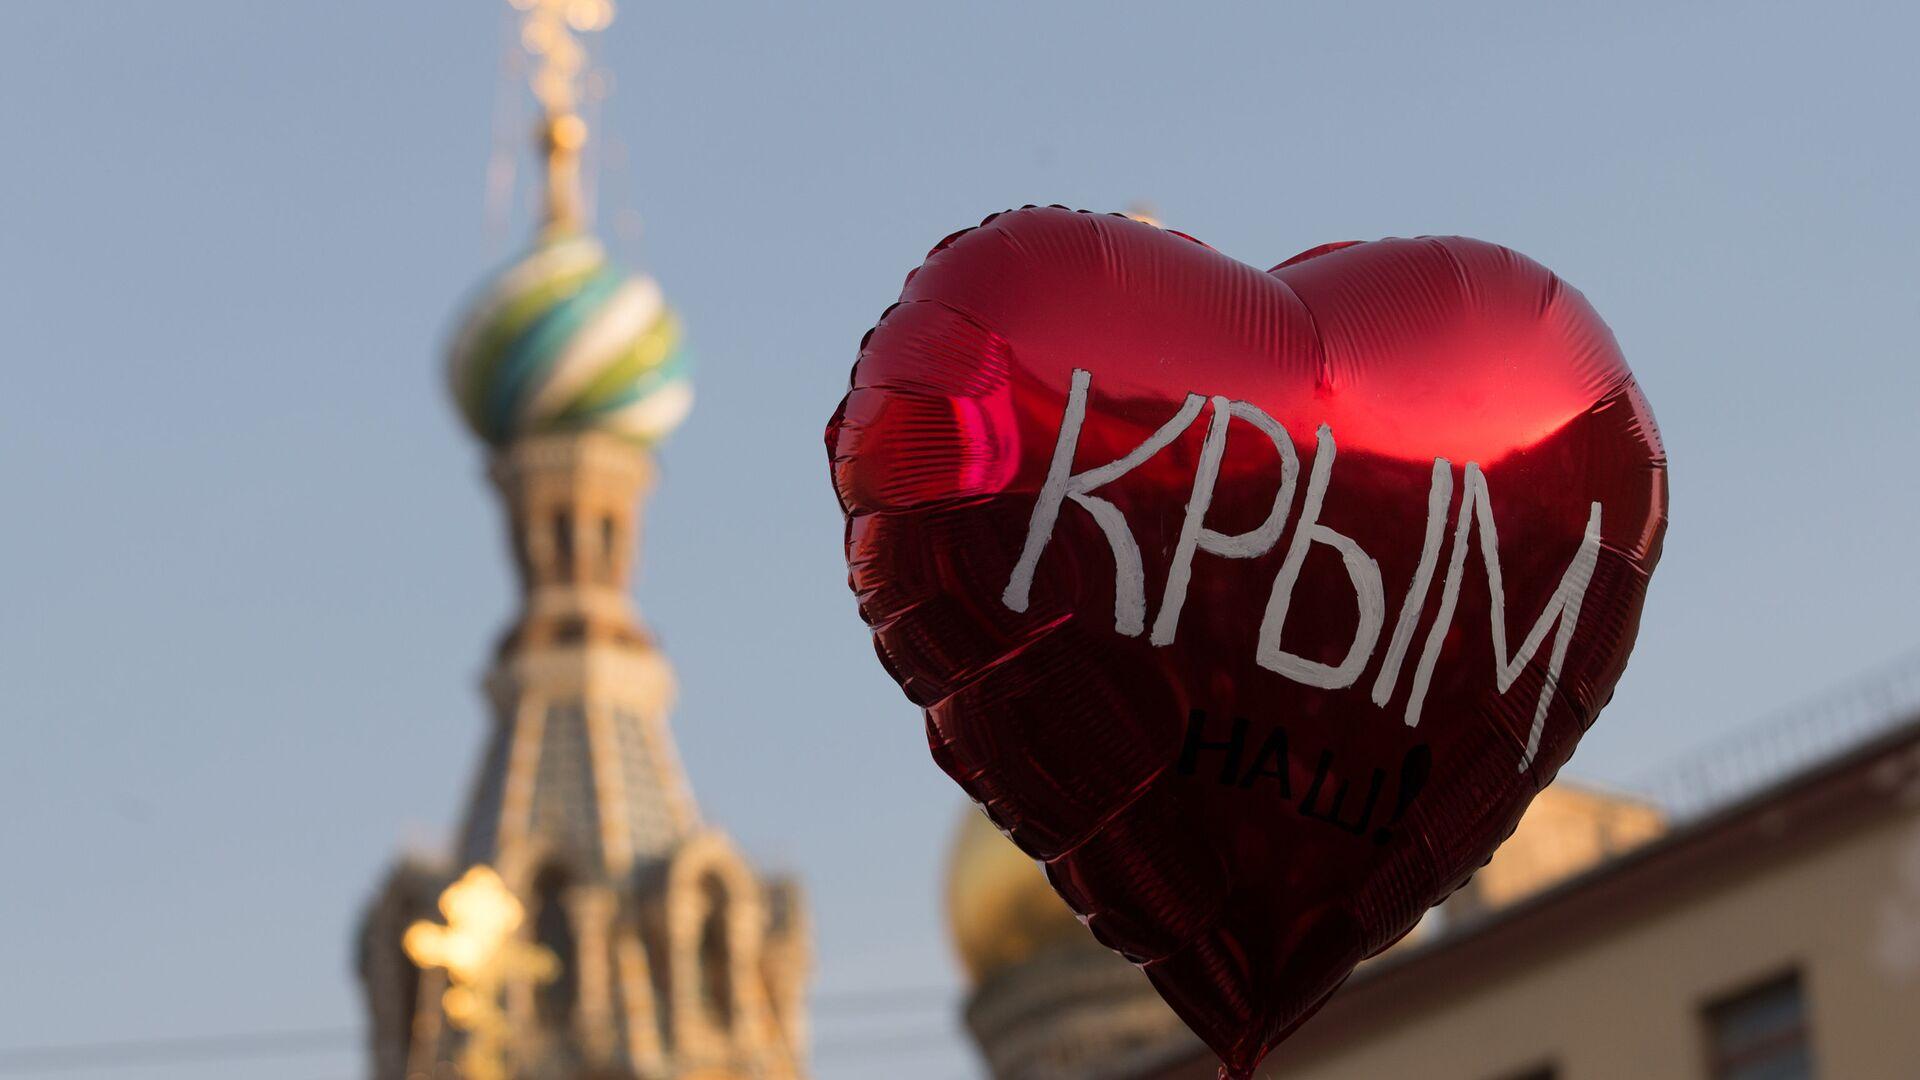 Балон на коме пише Крим на прослави уједињења полуострва и Севастопоља са Русијом - Sputnik Србија, 1920, 06.08.2021